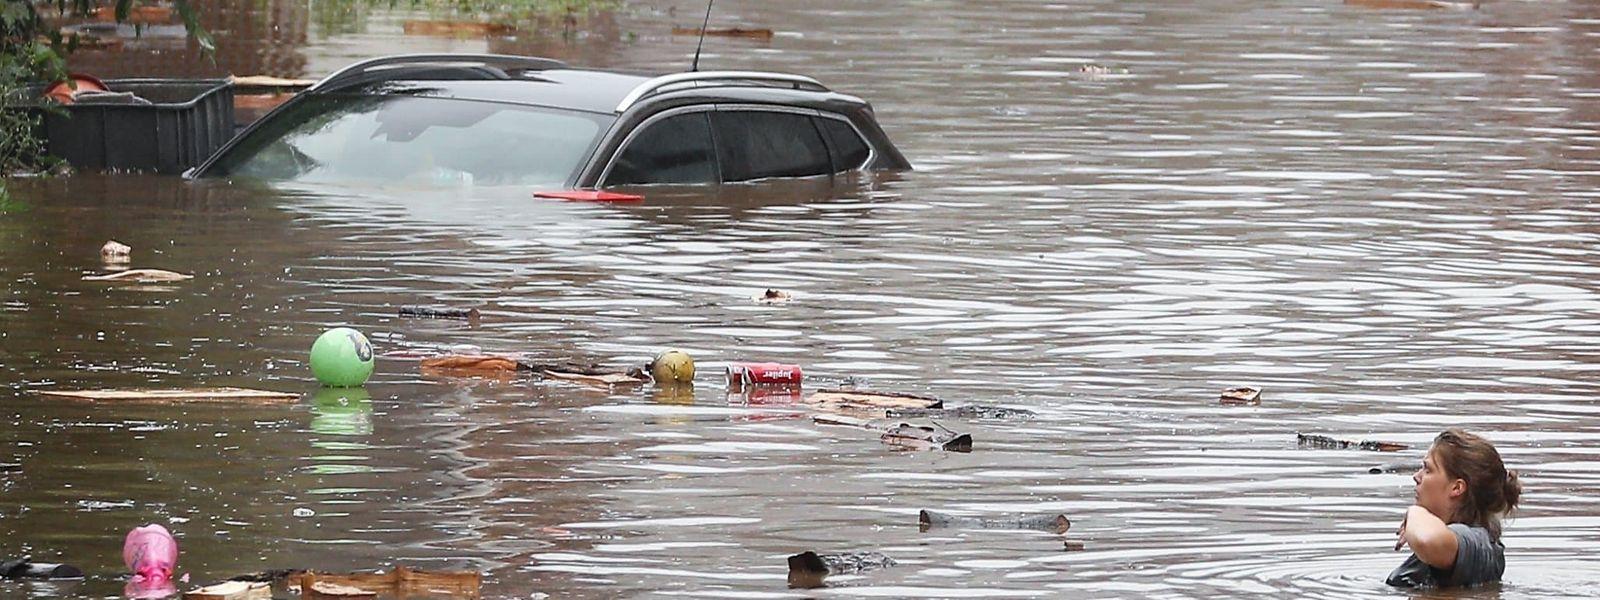 Selon les premières auditions de la commission d'enquête, la gestion des inondations a été perturbée par une série d'acteurs techniques qui n'ont pas pris la mesure du drame qui allait se nouer.